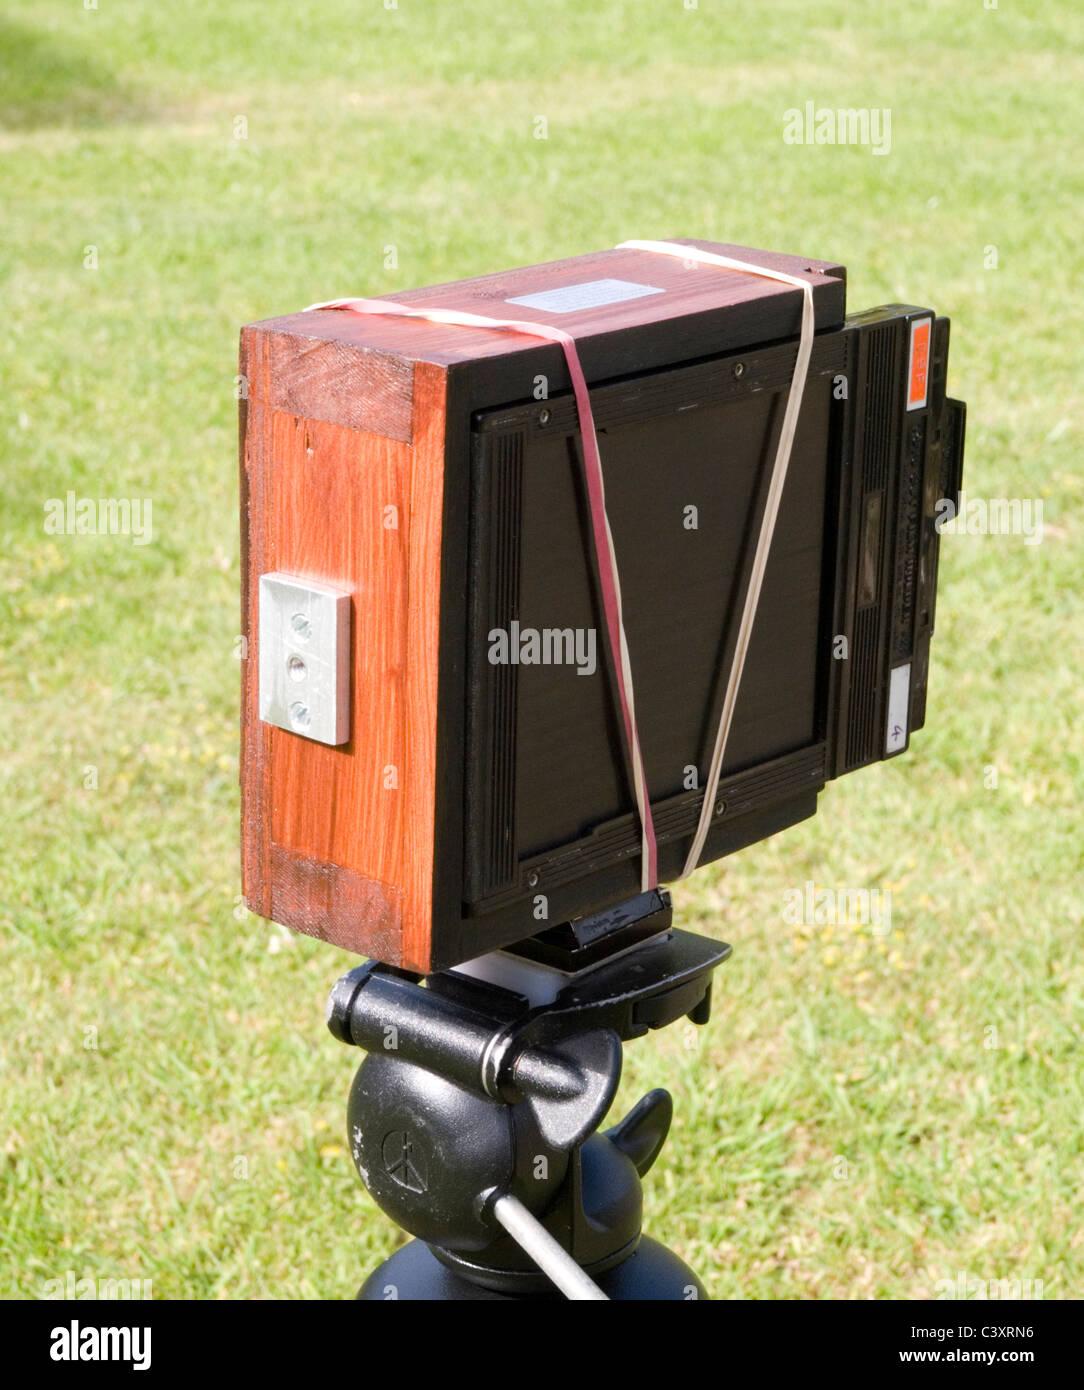 A Homemade Pinhole Camera Using 4x5 Cut Film